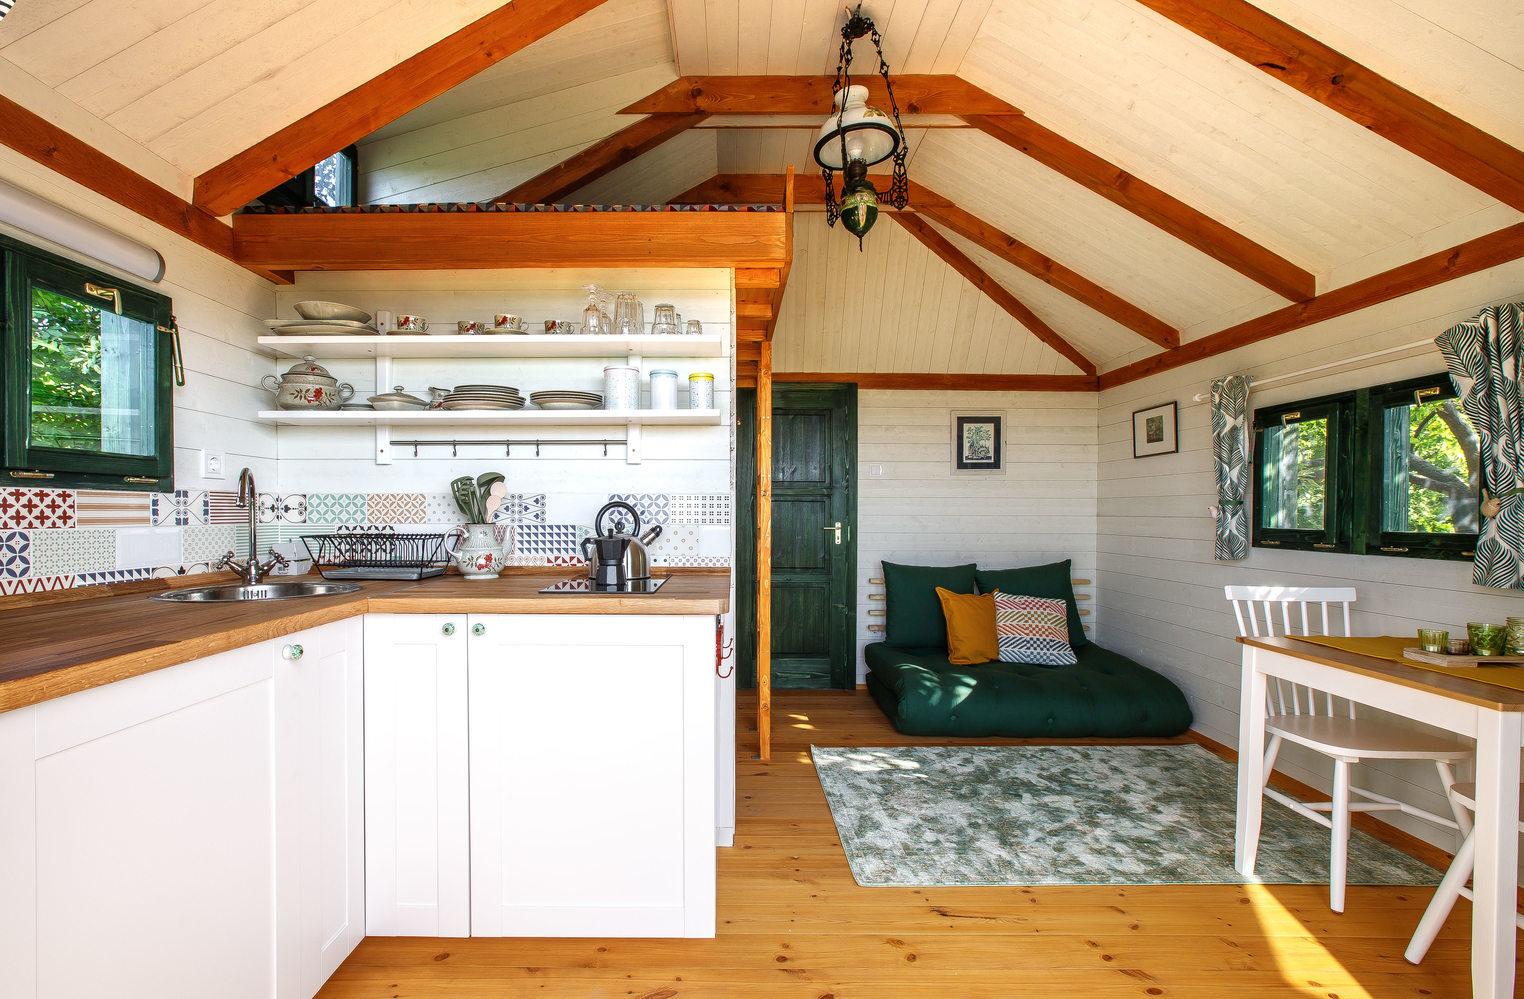 Zöld Fészek Green Nest Lombház Canopy House Belül Inside